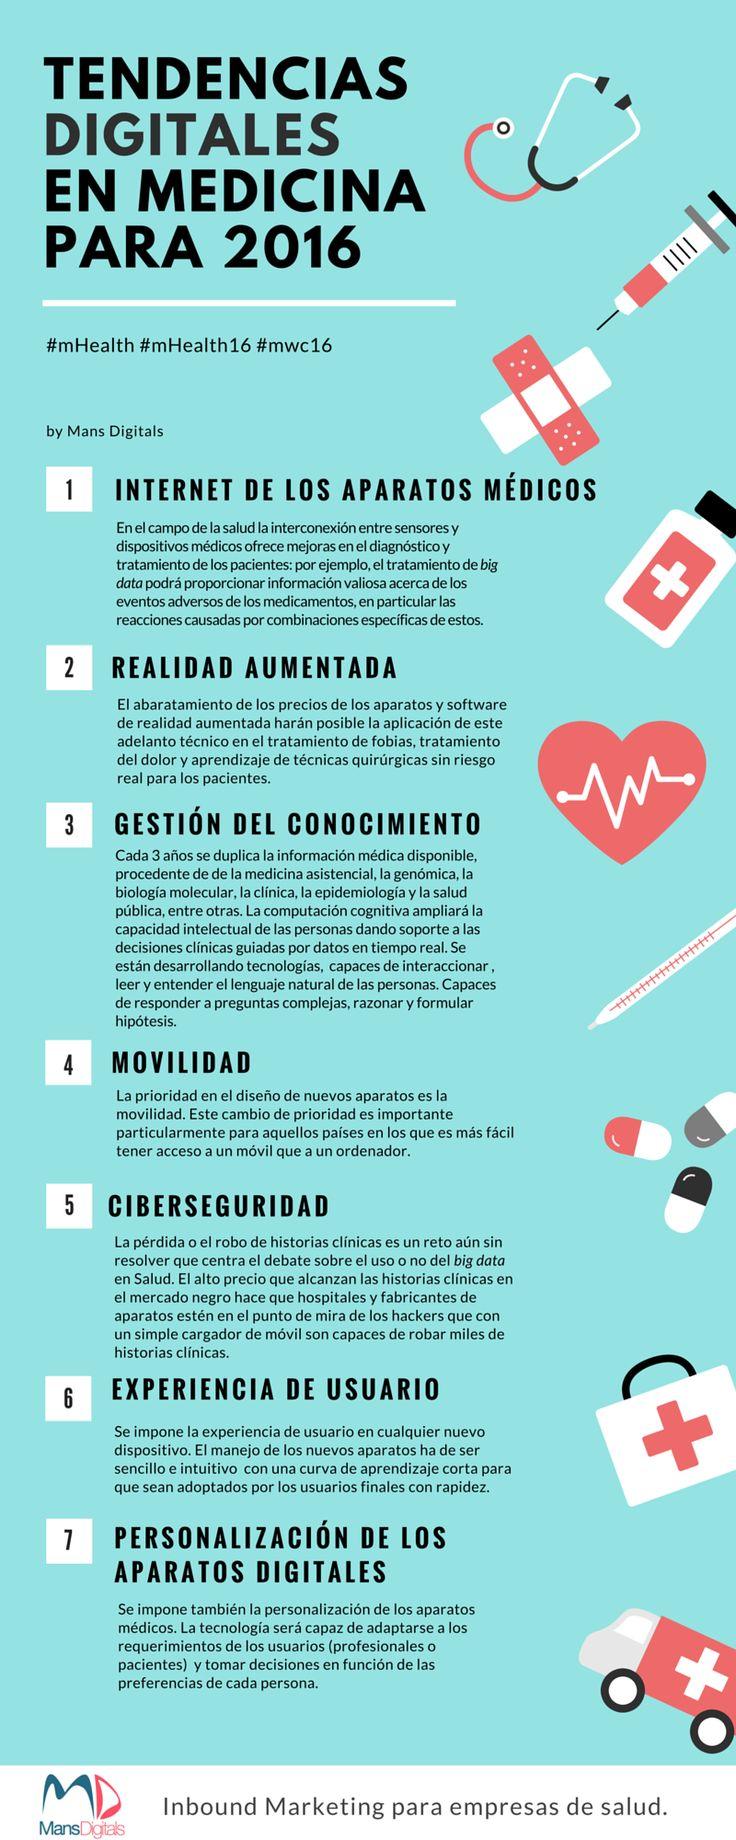 Tendencias digitales en medicina para el 2016. Internet de los aparatos médicos. #mHealth #SaludDigital